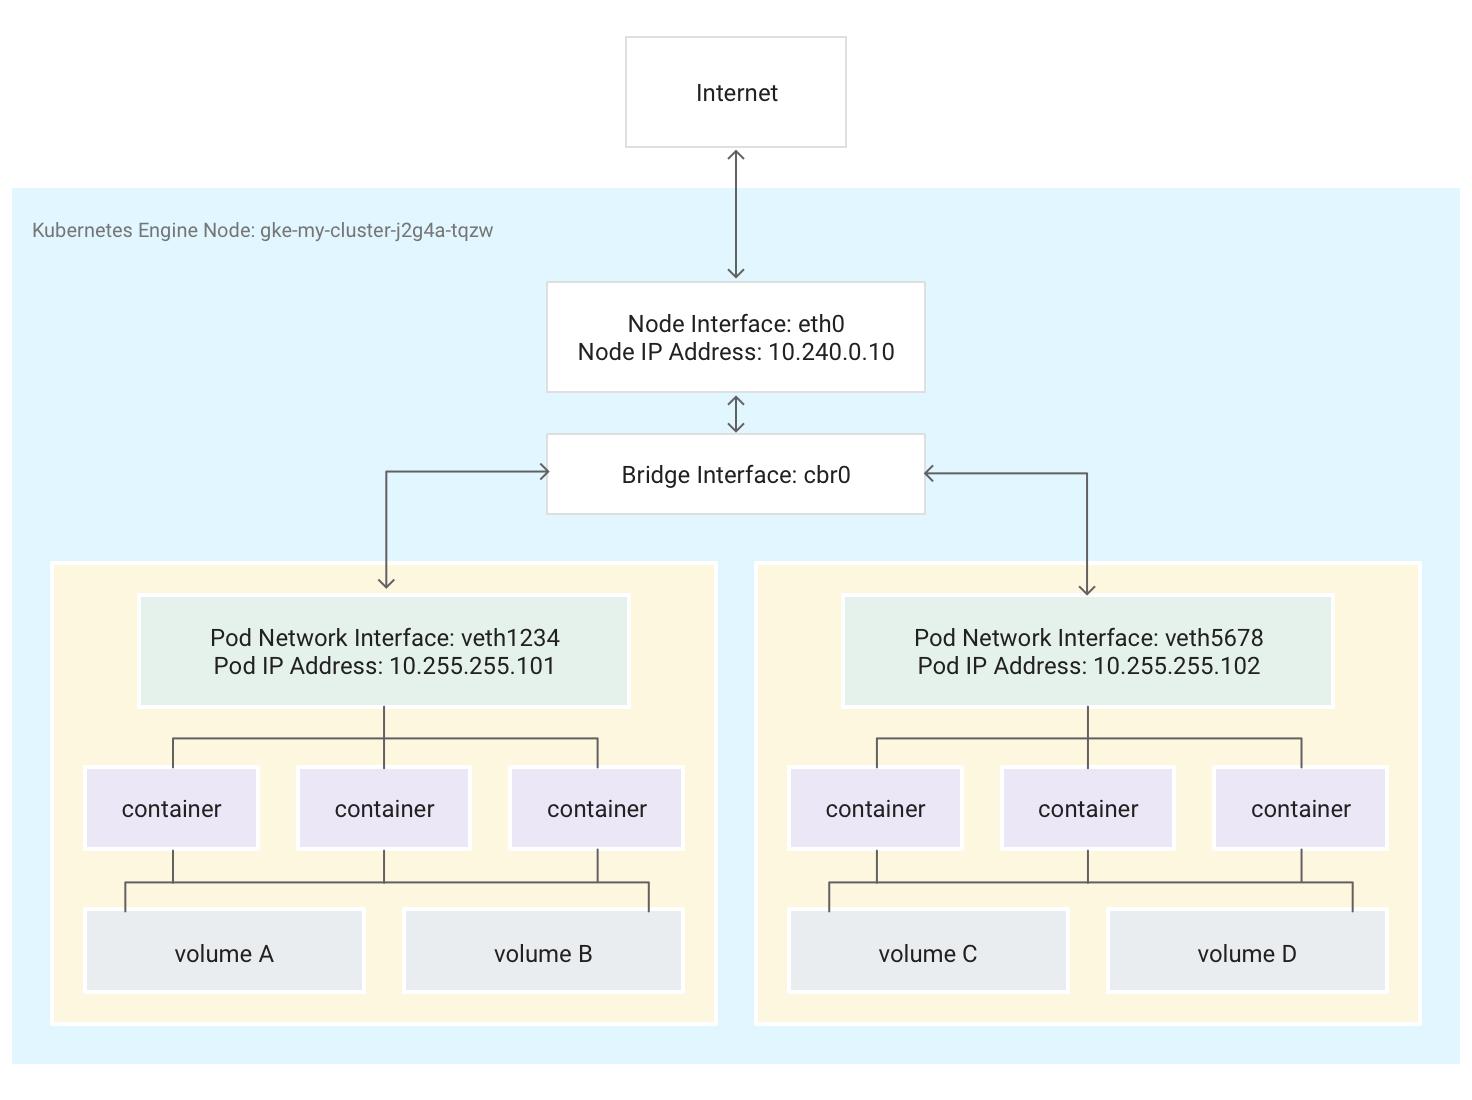 위 단락에 설명된 대로 Pod 두 개를 실행하는 단일 노드 다이어그램